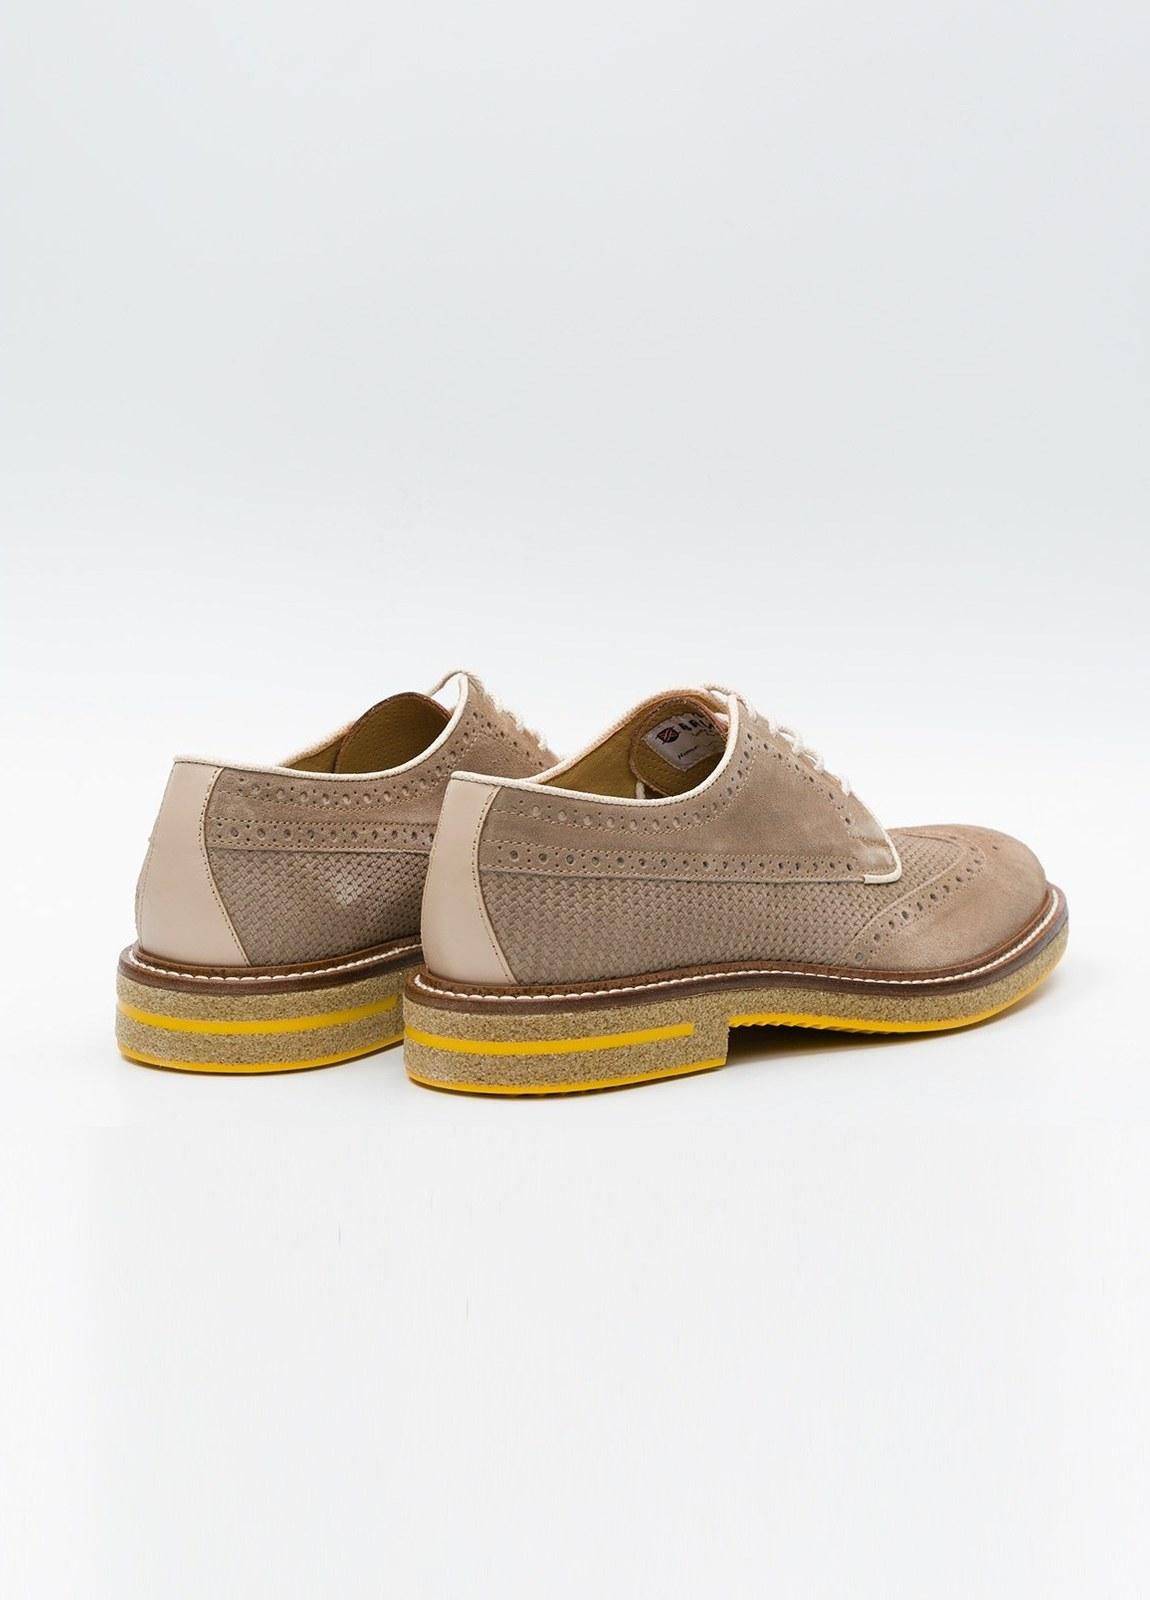 Zapato Formal Wear color beige suela amarilla, 100% Ante. - Ítem1